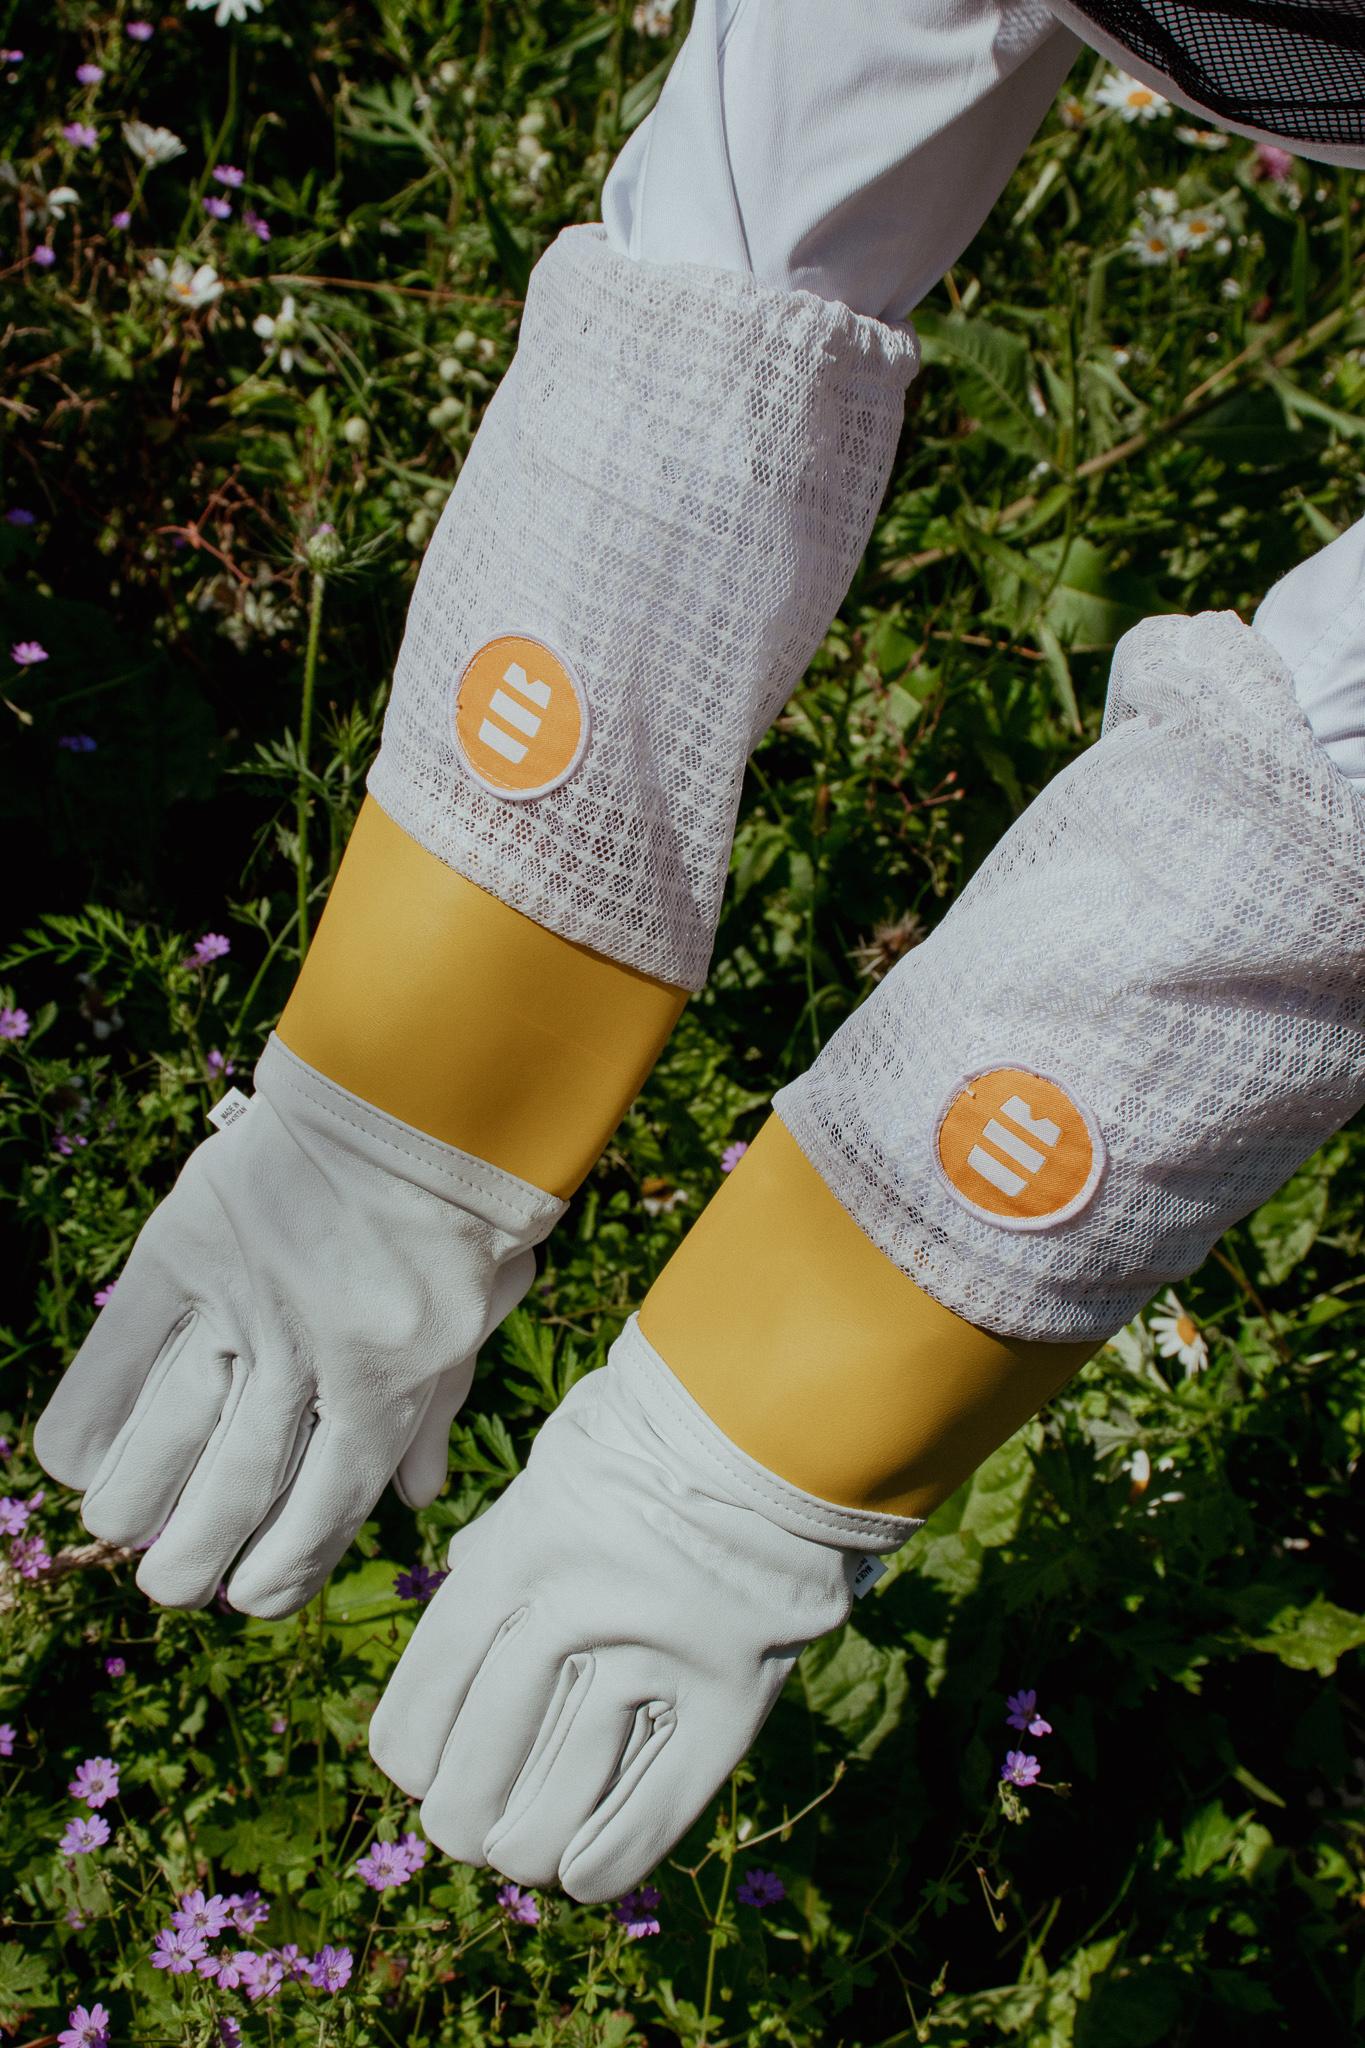 Lederen handschoenen met verluchting achteraan-1